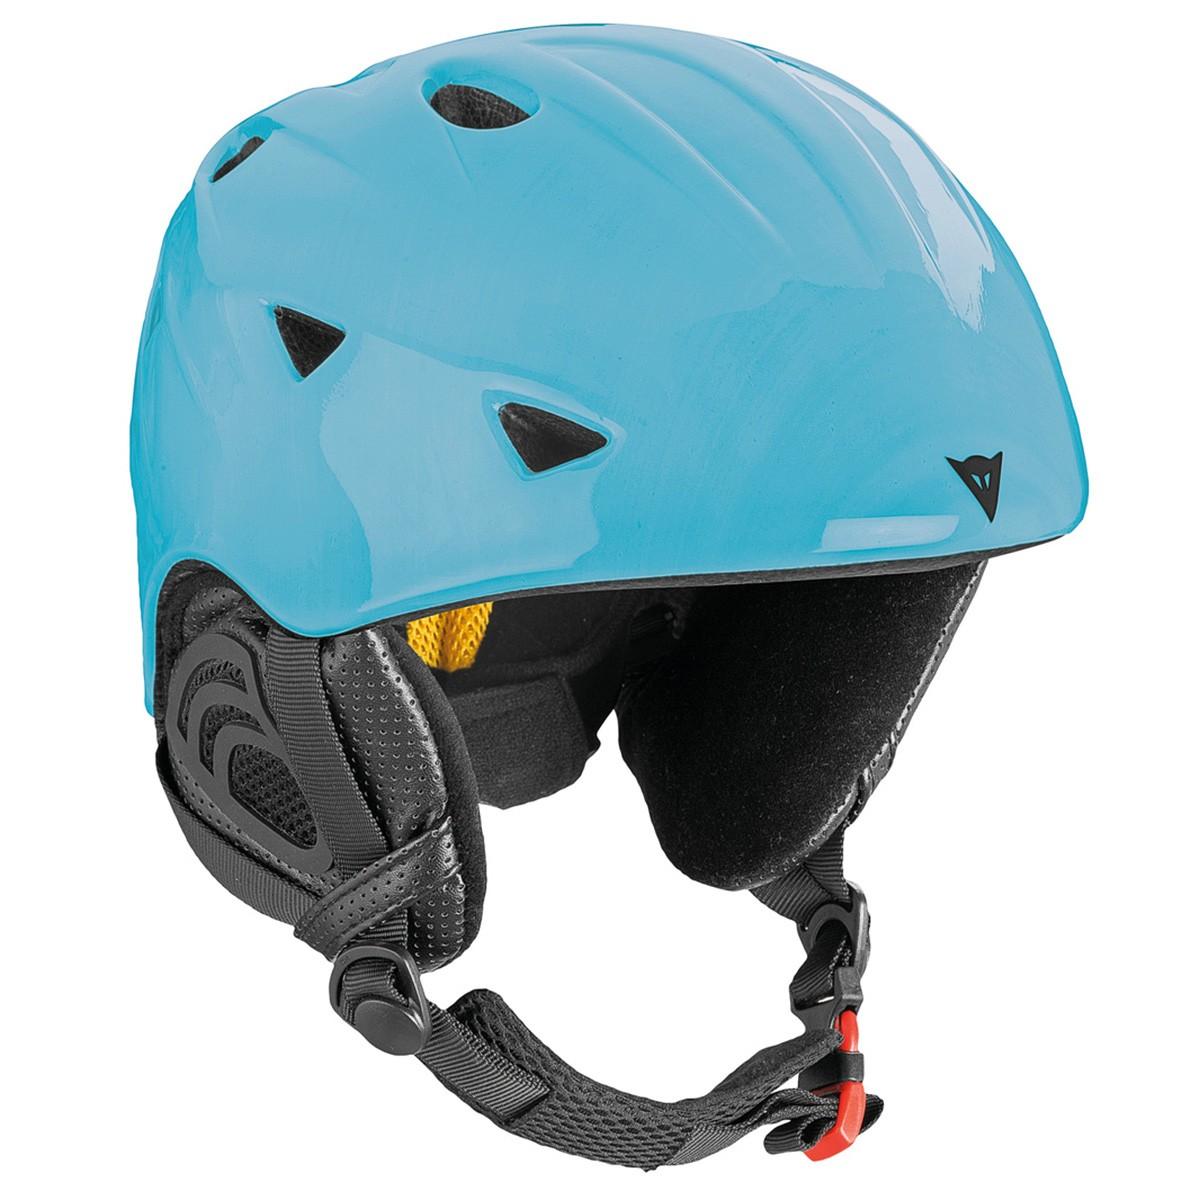 Casco sci Dainese D-Ride (Colore: azzurro, Taglia: 2XS)